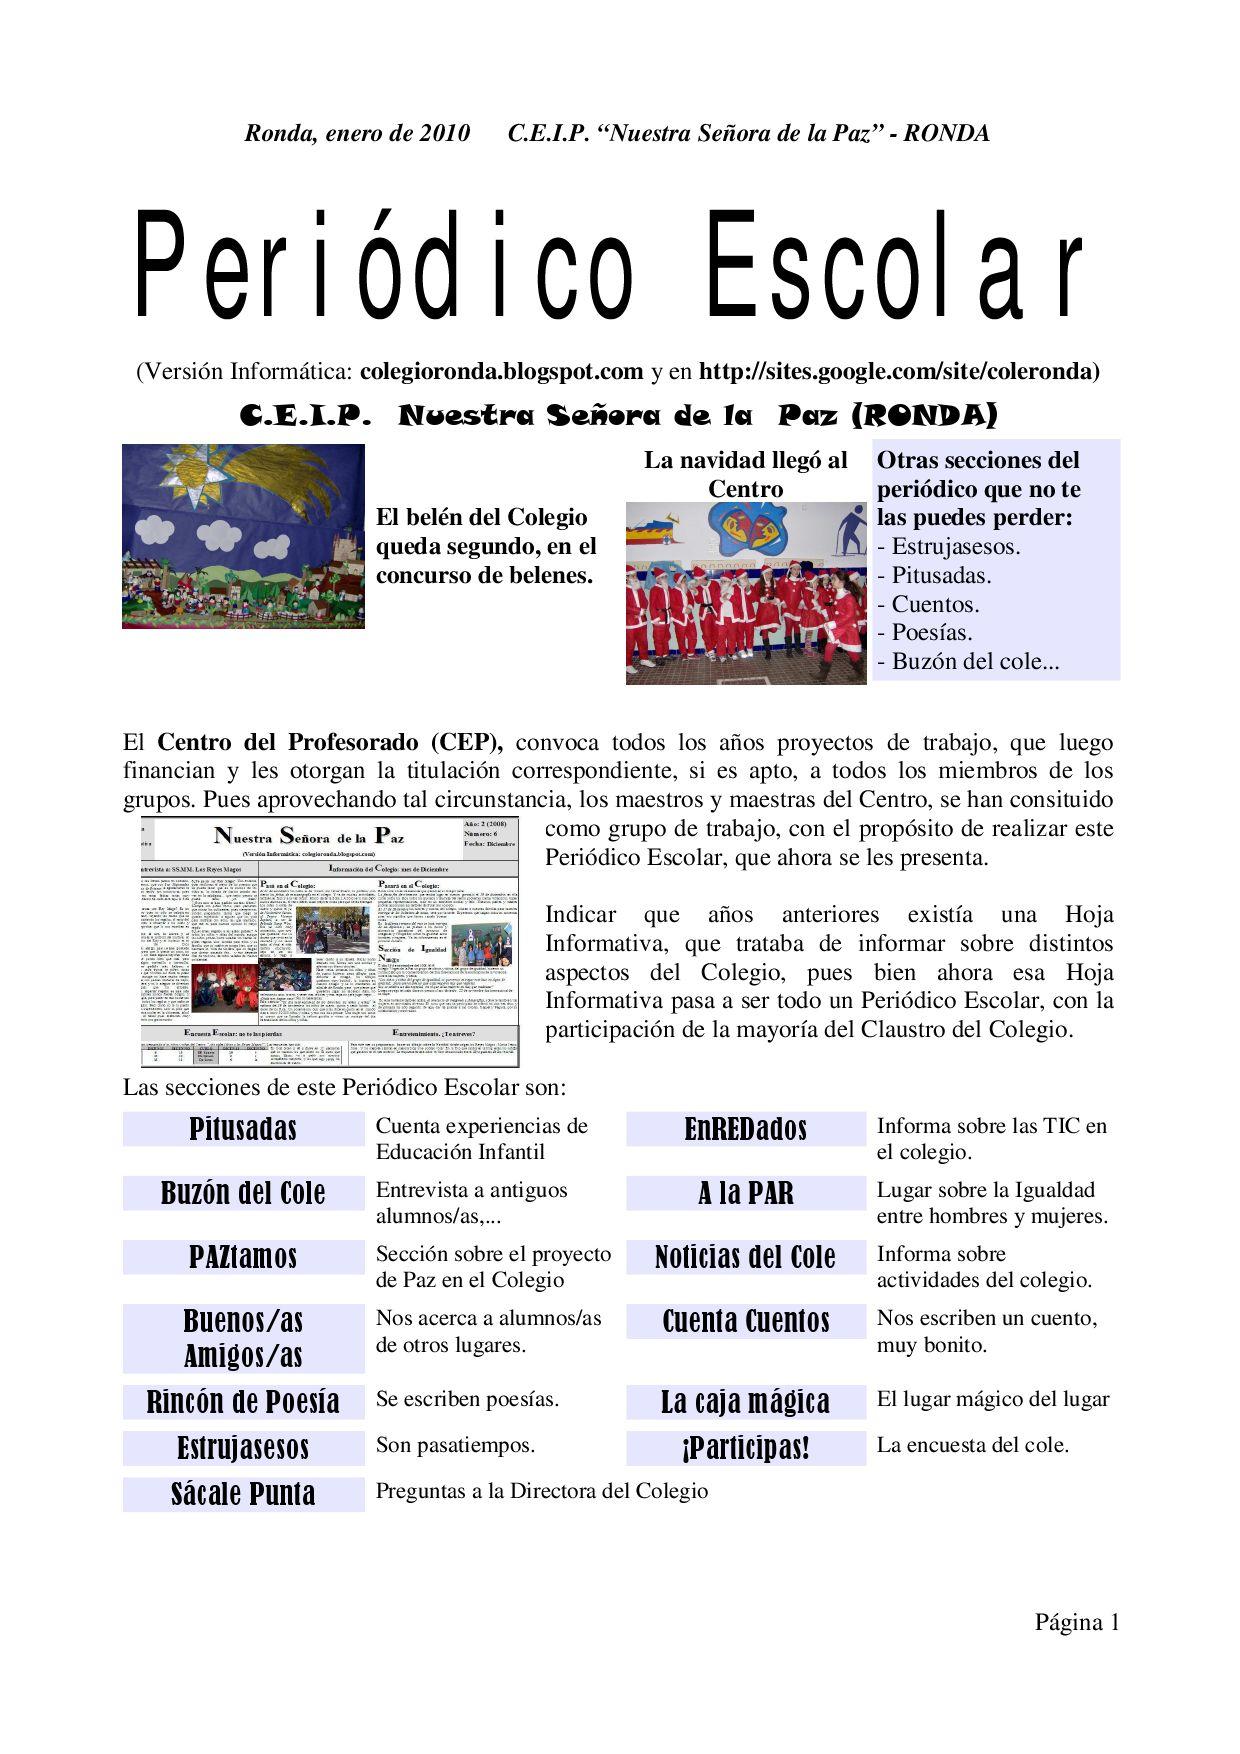 Periodico escolar enero 2010 by javi puerto issuu for Funcion de un vivero escolar